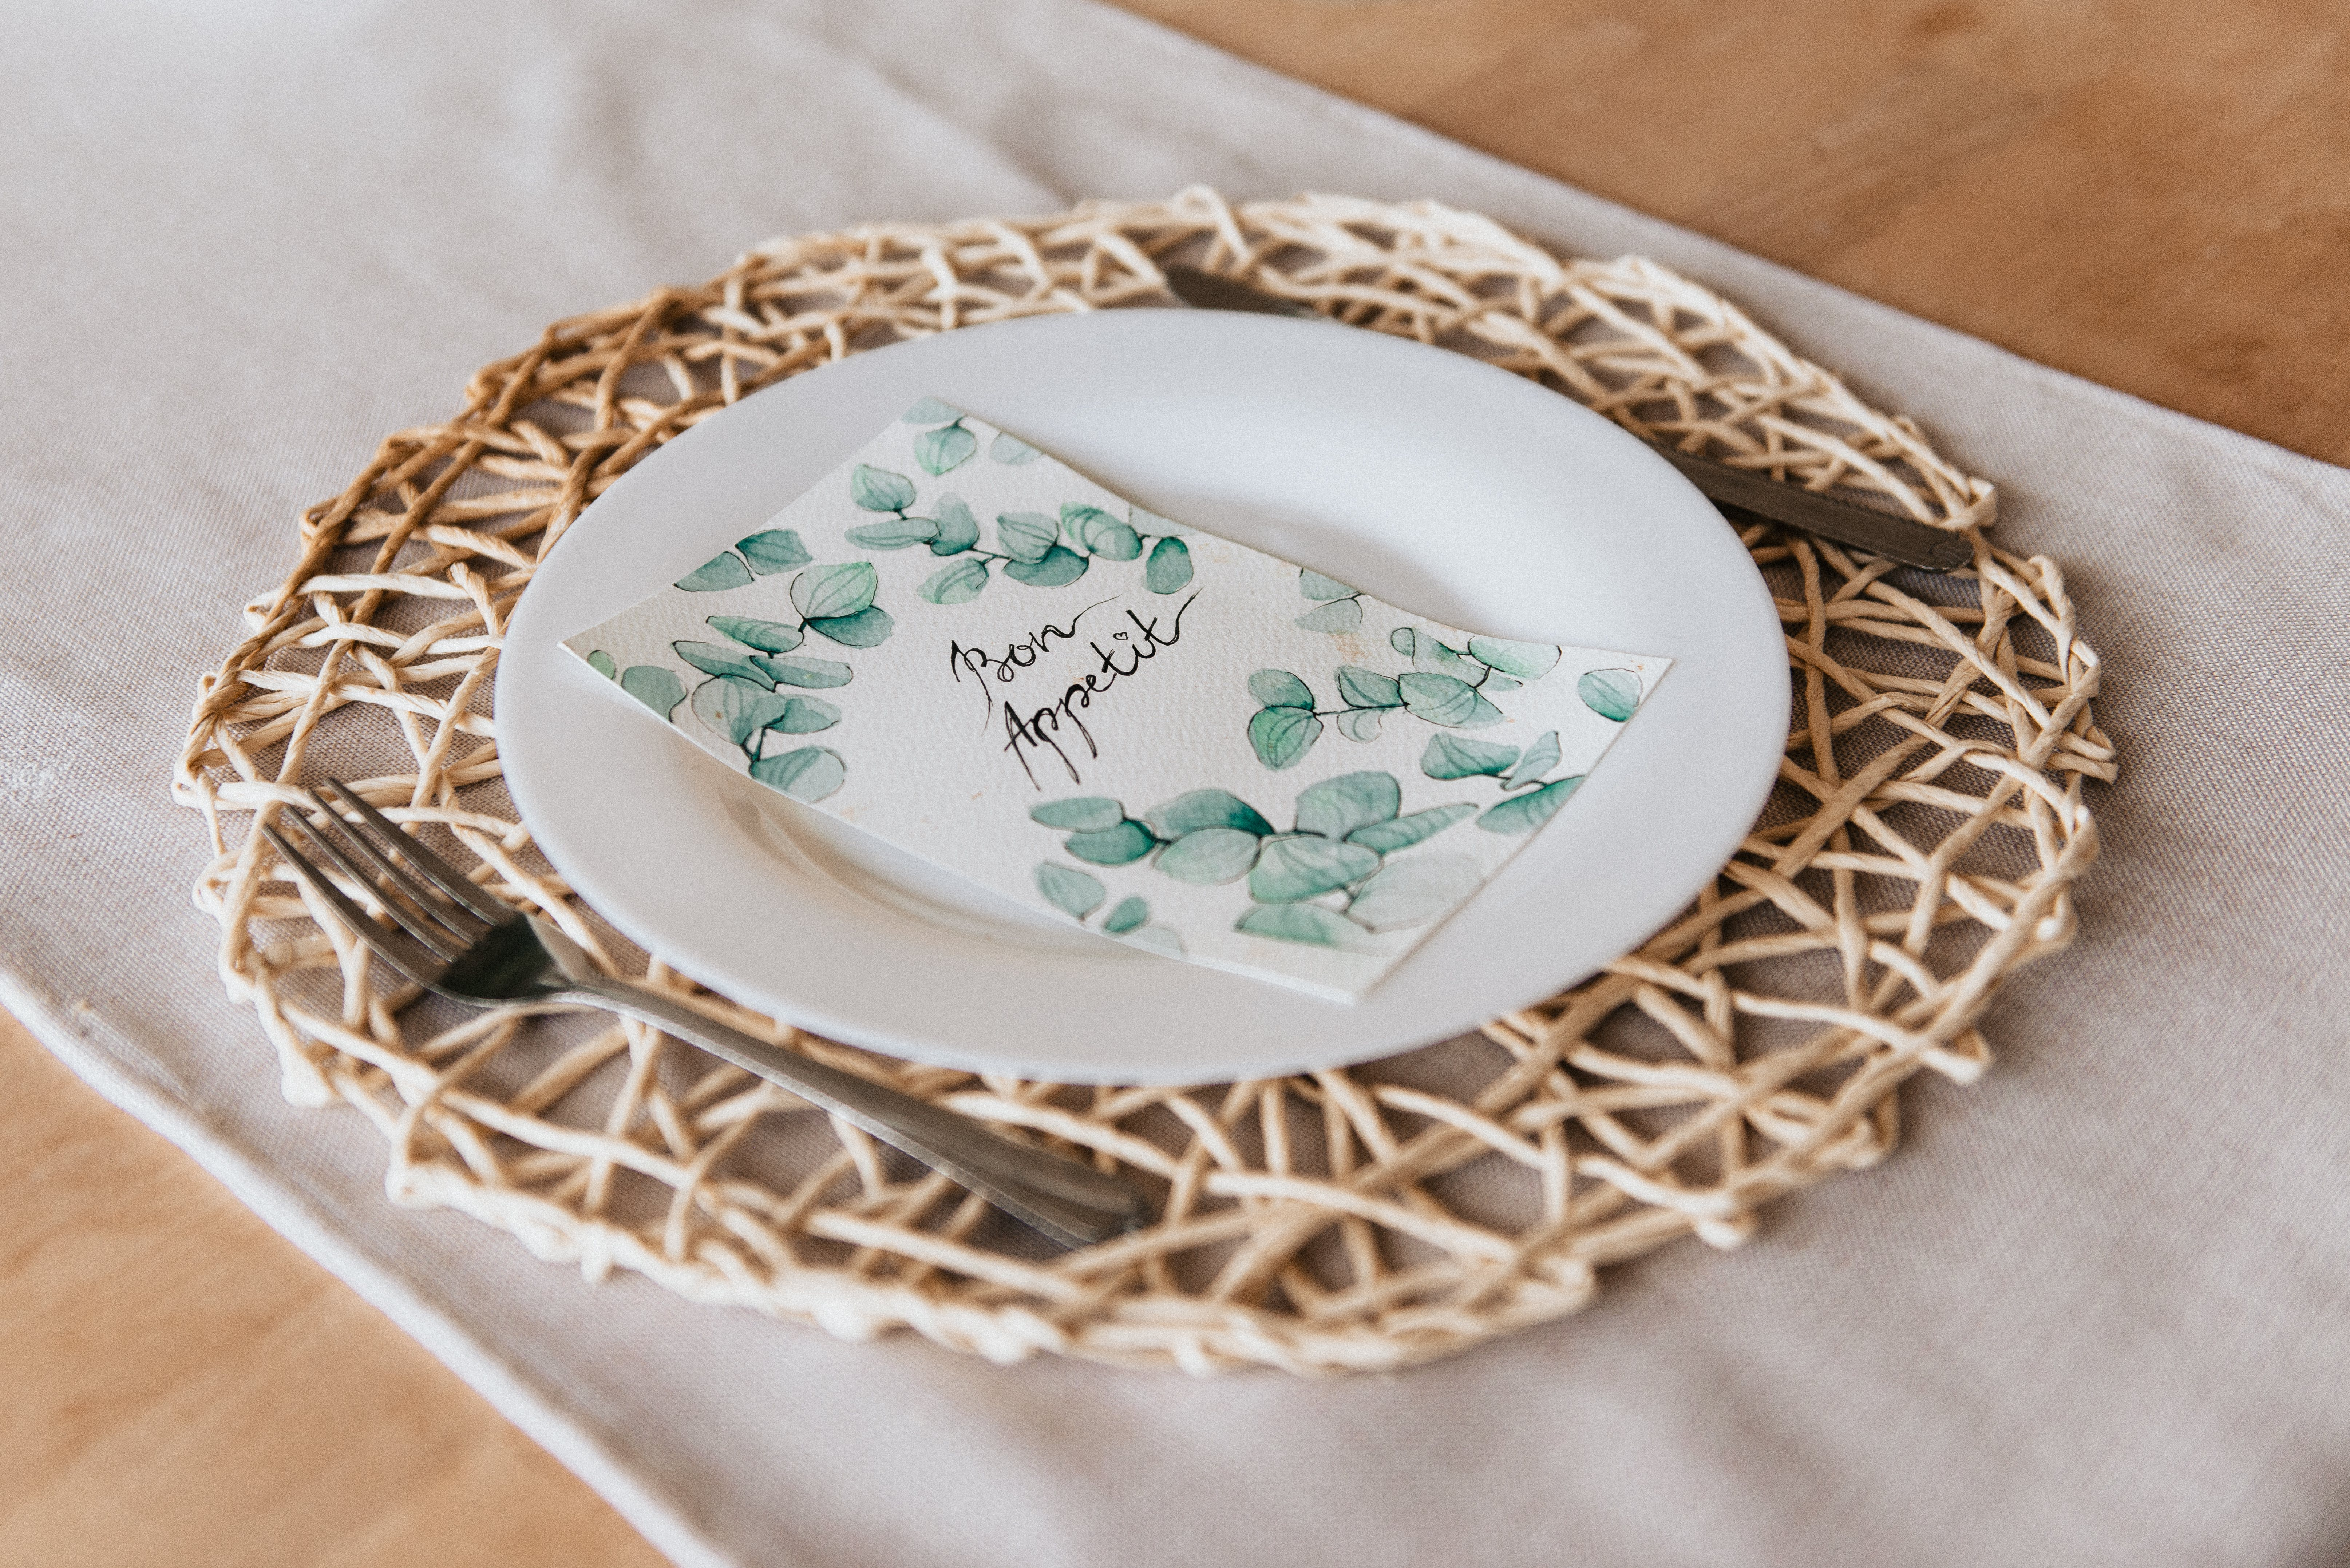 Gratis arkivbilde med bordserviett, farge, gaffel, god appetitt